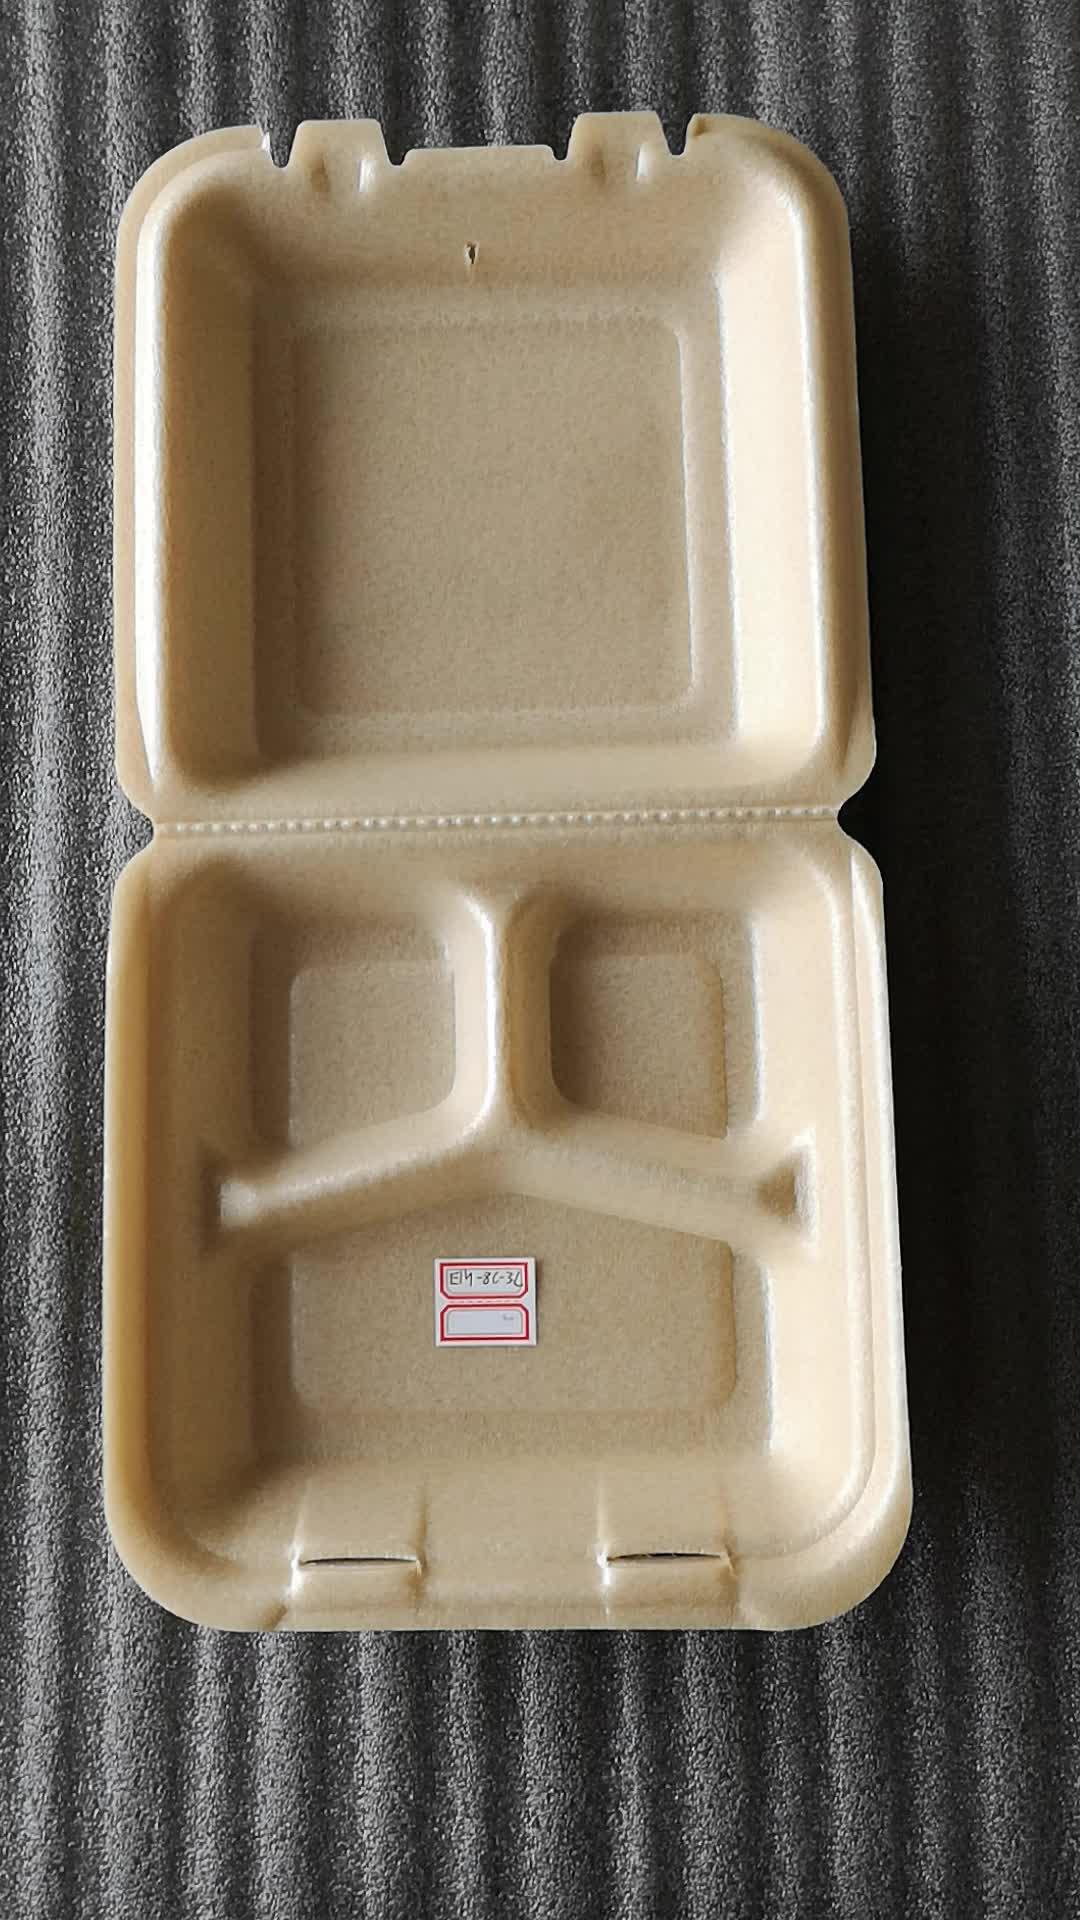 Одноразовые пены Биоразлагаемых Фаст упаковки для пищевых контейнеров с крышками